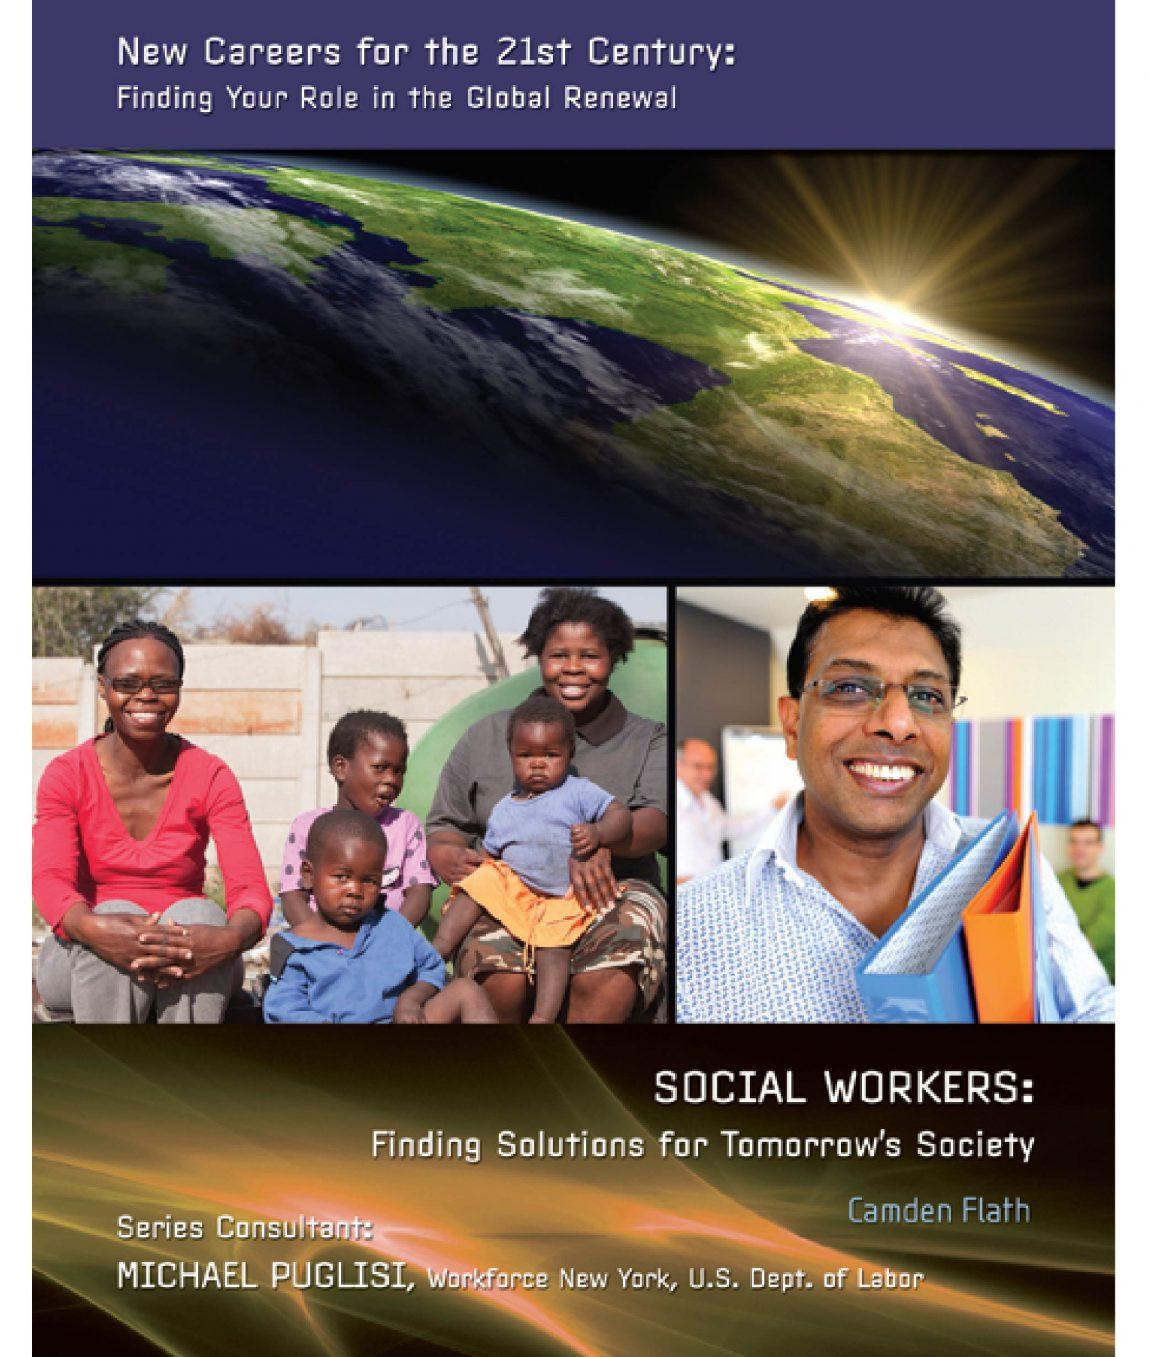 social-workers-01.jpg